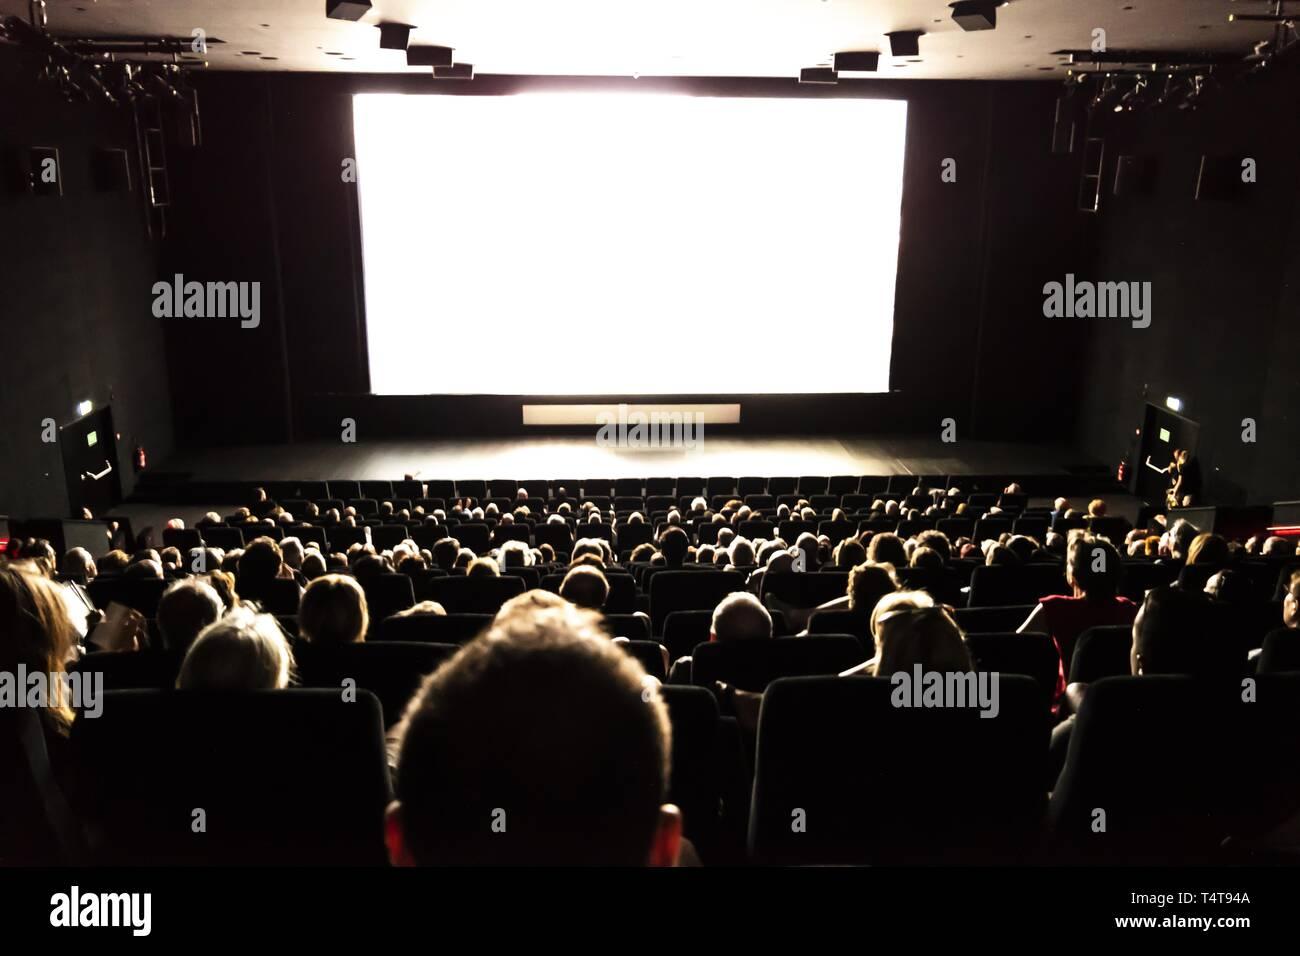 La gente en el cine. Foto de stock